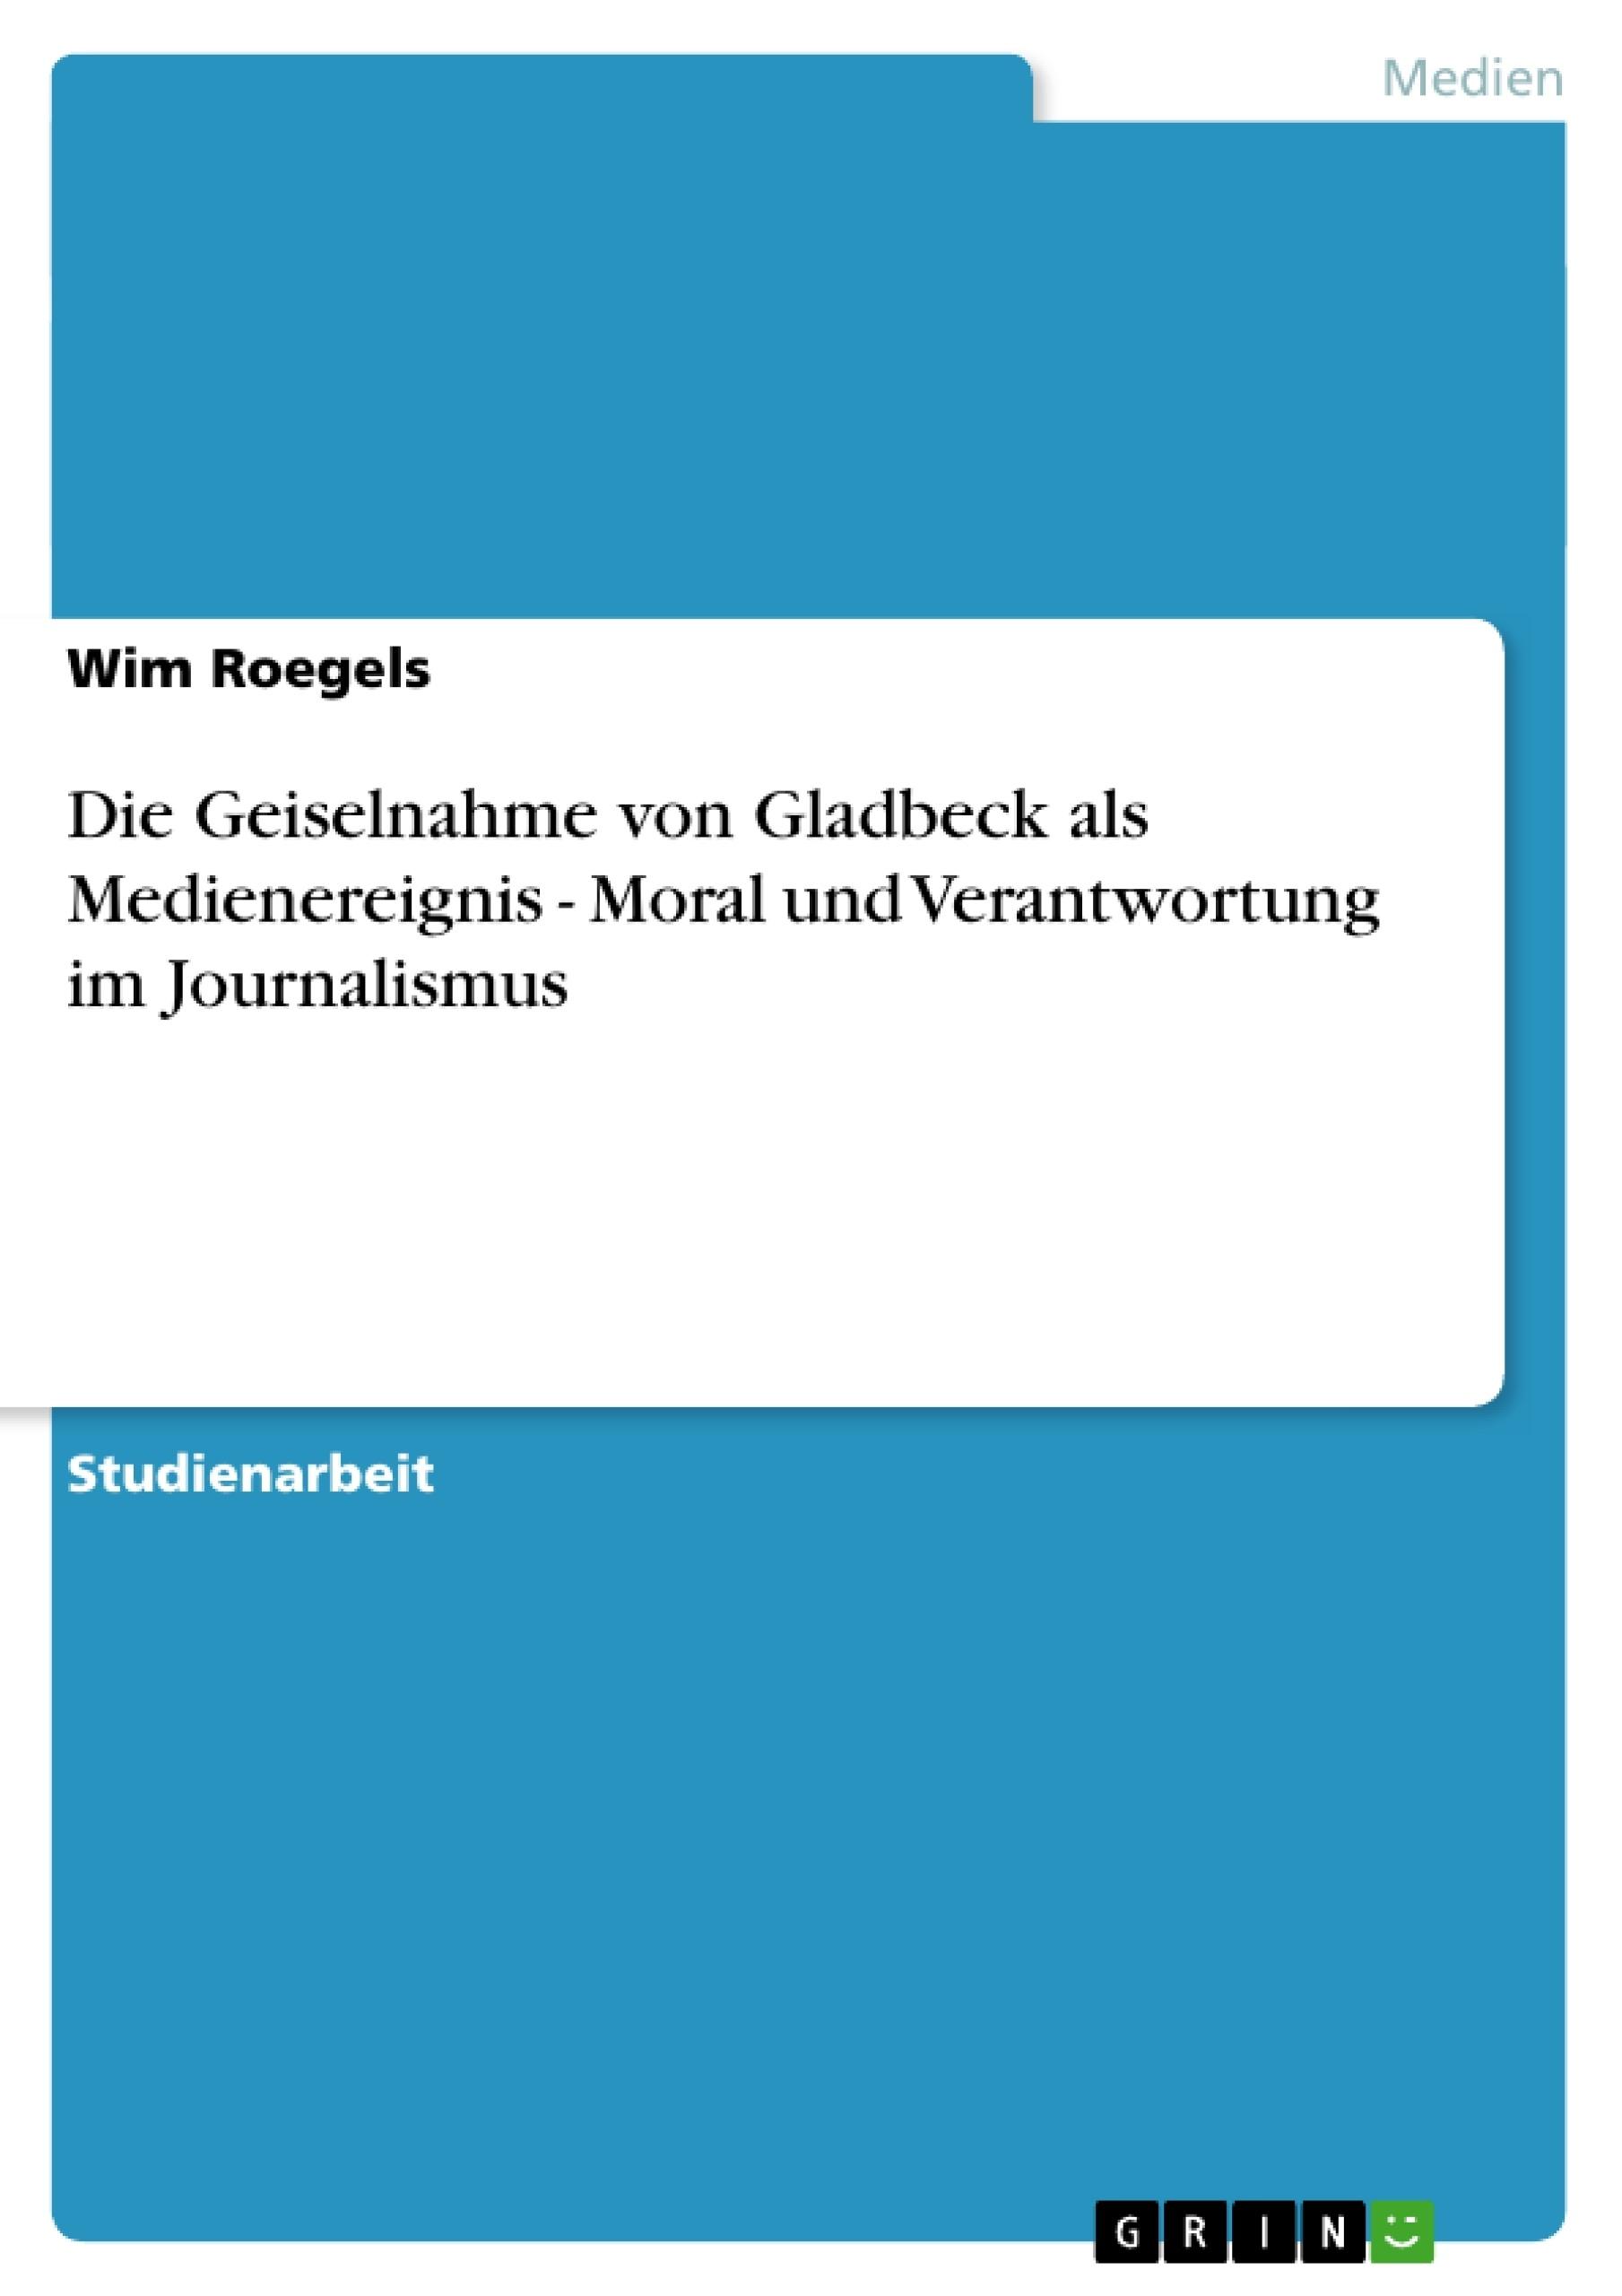 Titel: Die Geiselnahme von Gladbeck als Medienereignis - Moral und Verantwortung im Journalismus